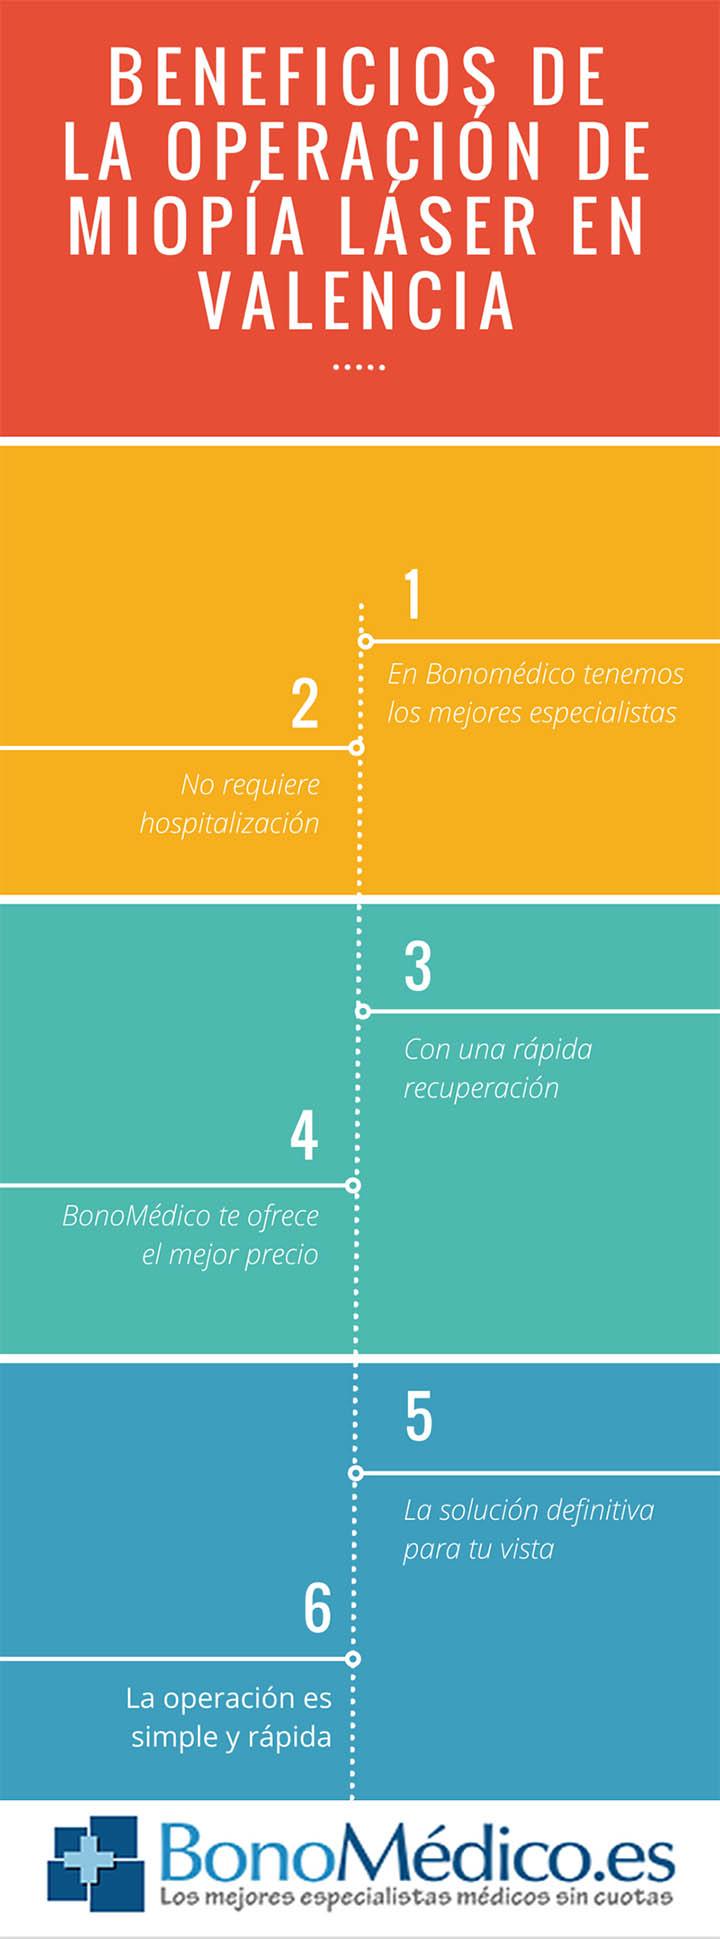 Ventajas de la operación de miopía en Valencia (clic para ampliar)